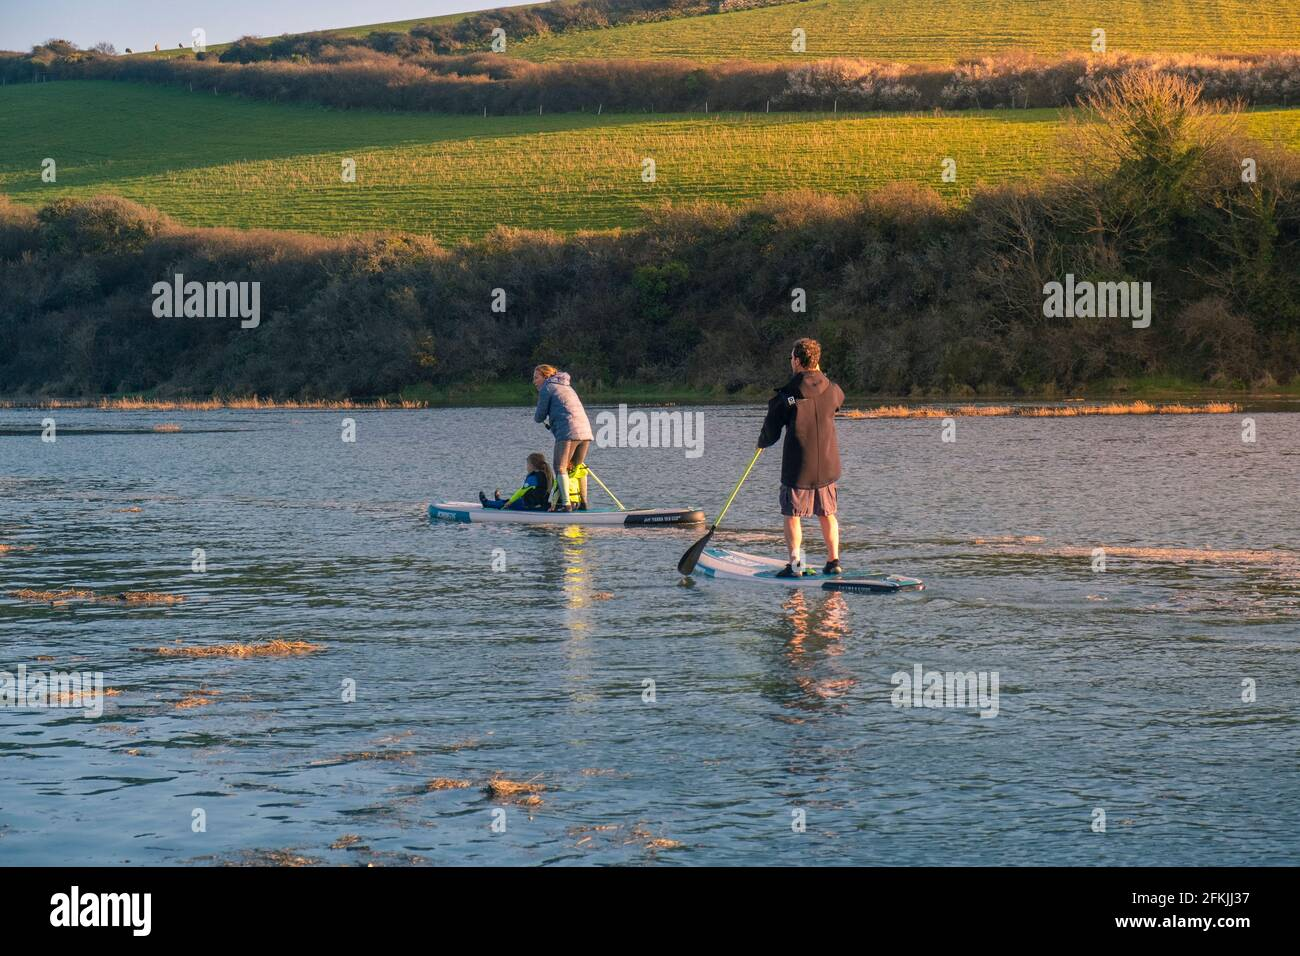 Una familia de turistas que se divierten remando sus tablas de paddleboard de pie en marea alta en el río Gannel en Newquay en Cornwall. Foto de stock